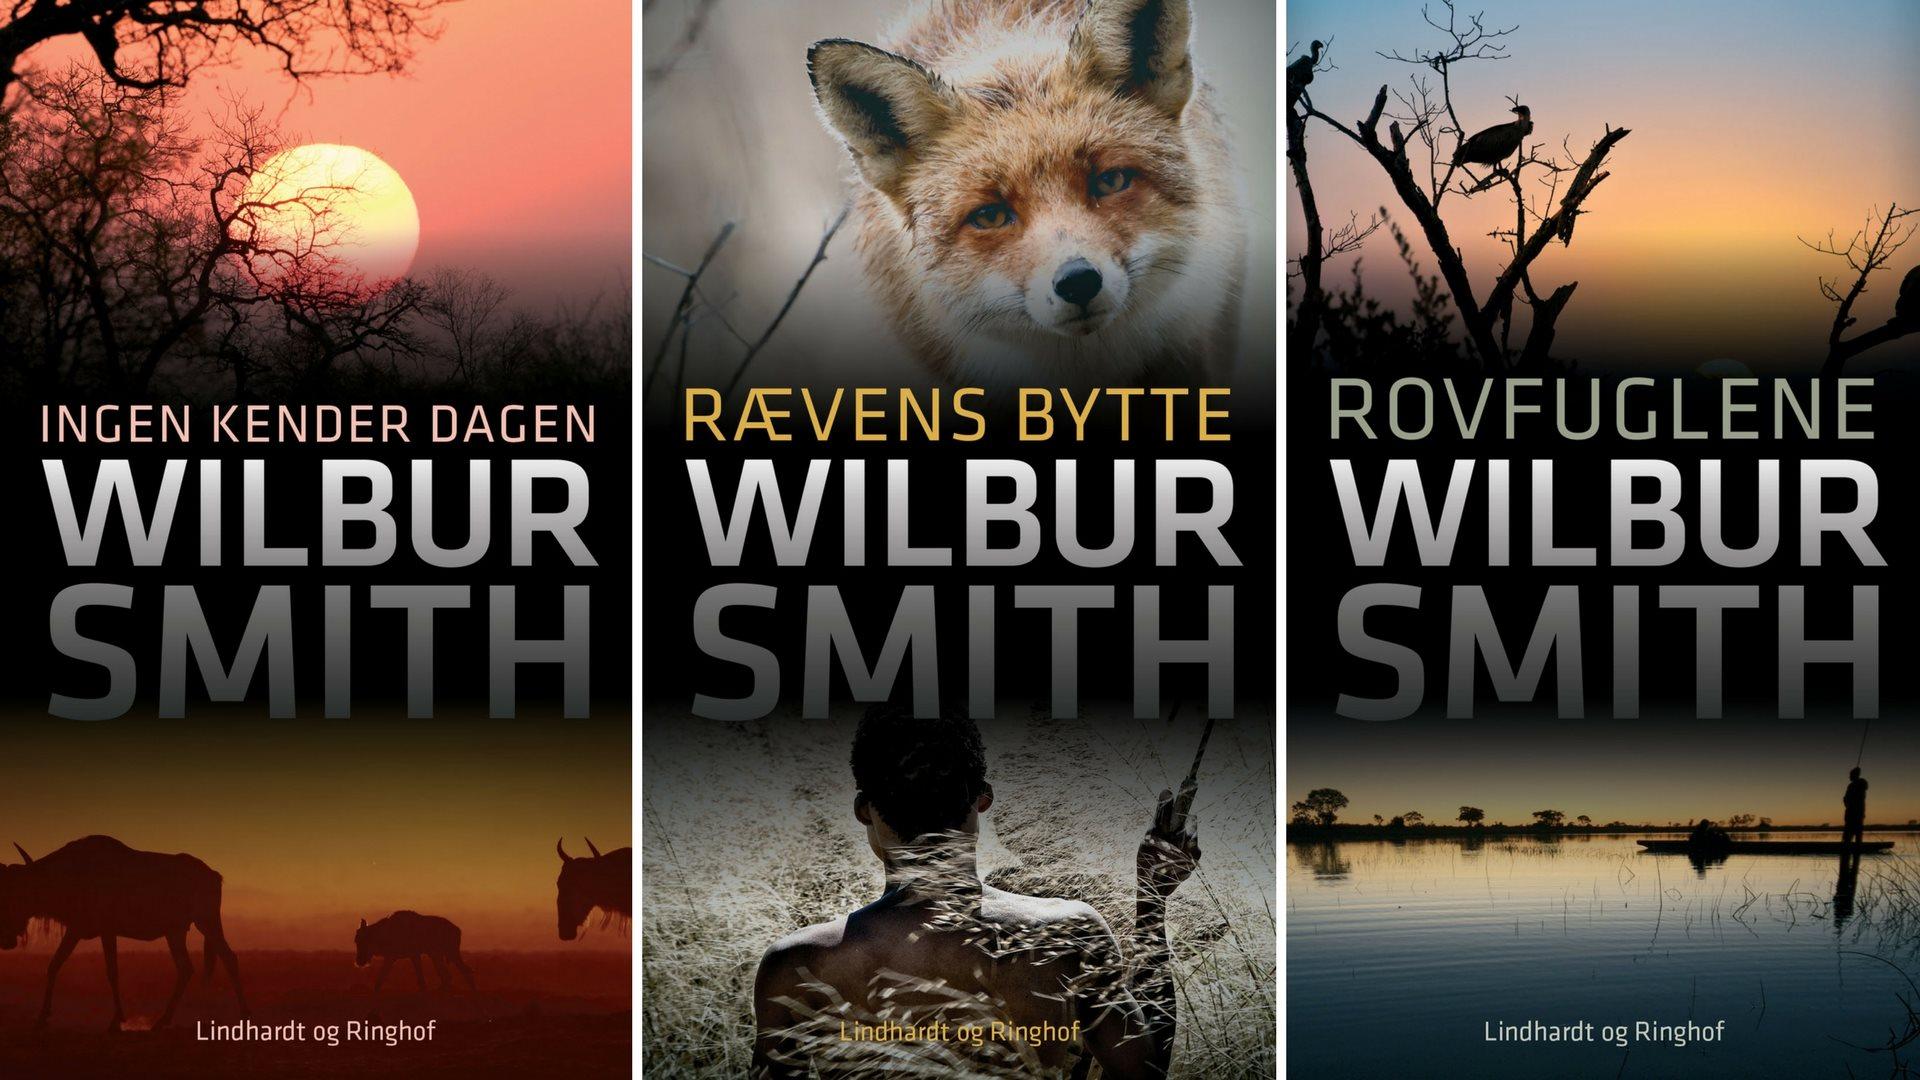 Wilbur Smith, Courtney, Courtney-serien, Courtney-serie, Krigsråb, Wilbur, Historiske romaner, Historisk fiktion, Afrika, Sydafrika, Anden verdenskrig, medforfattere